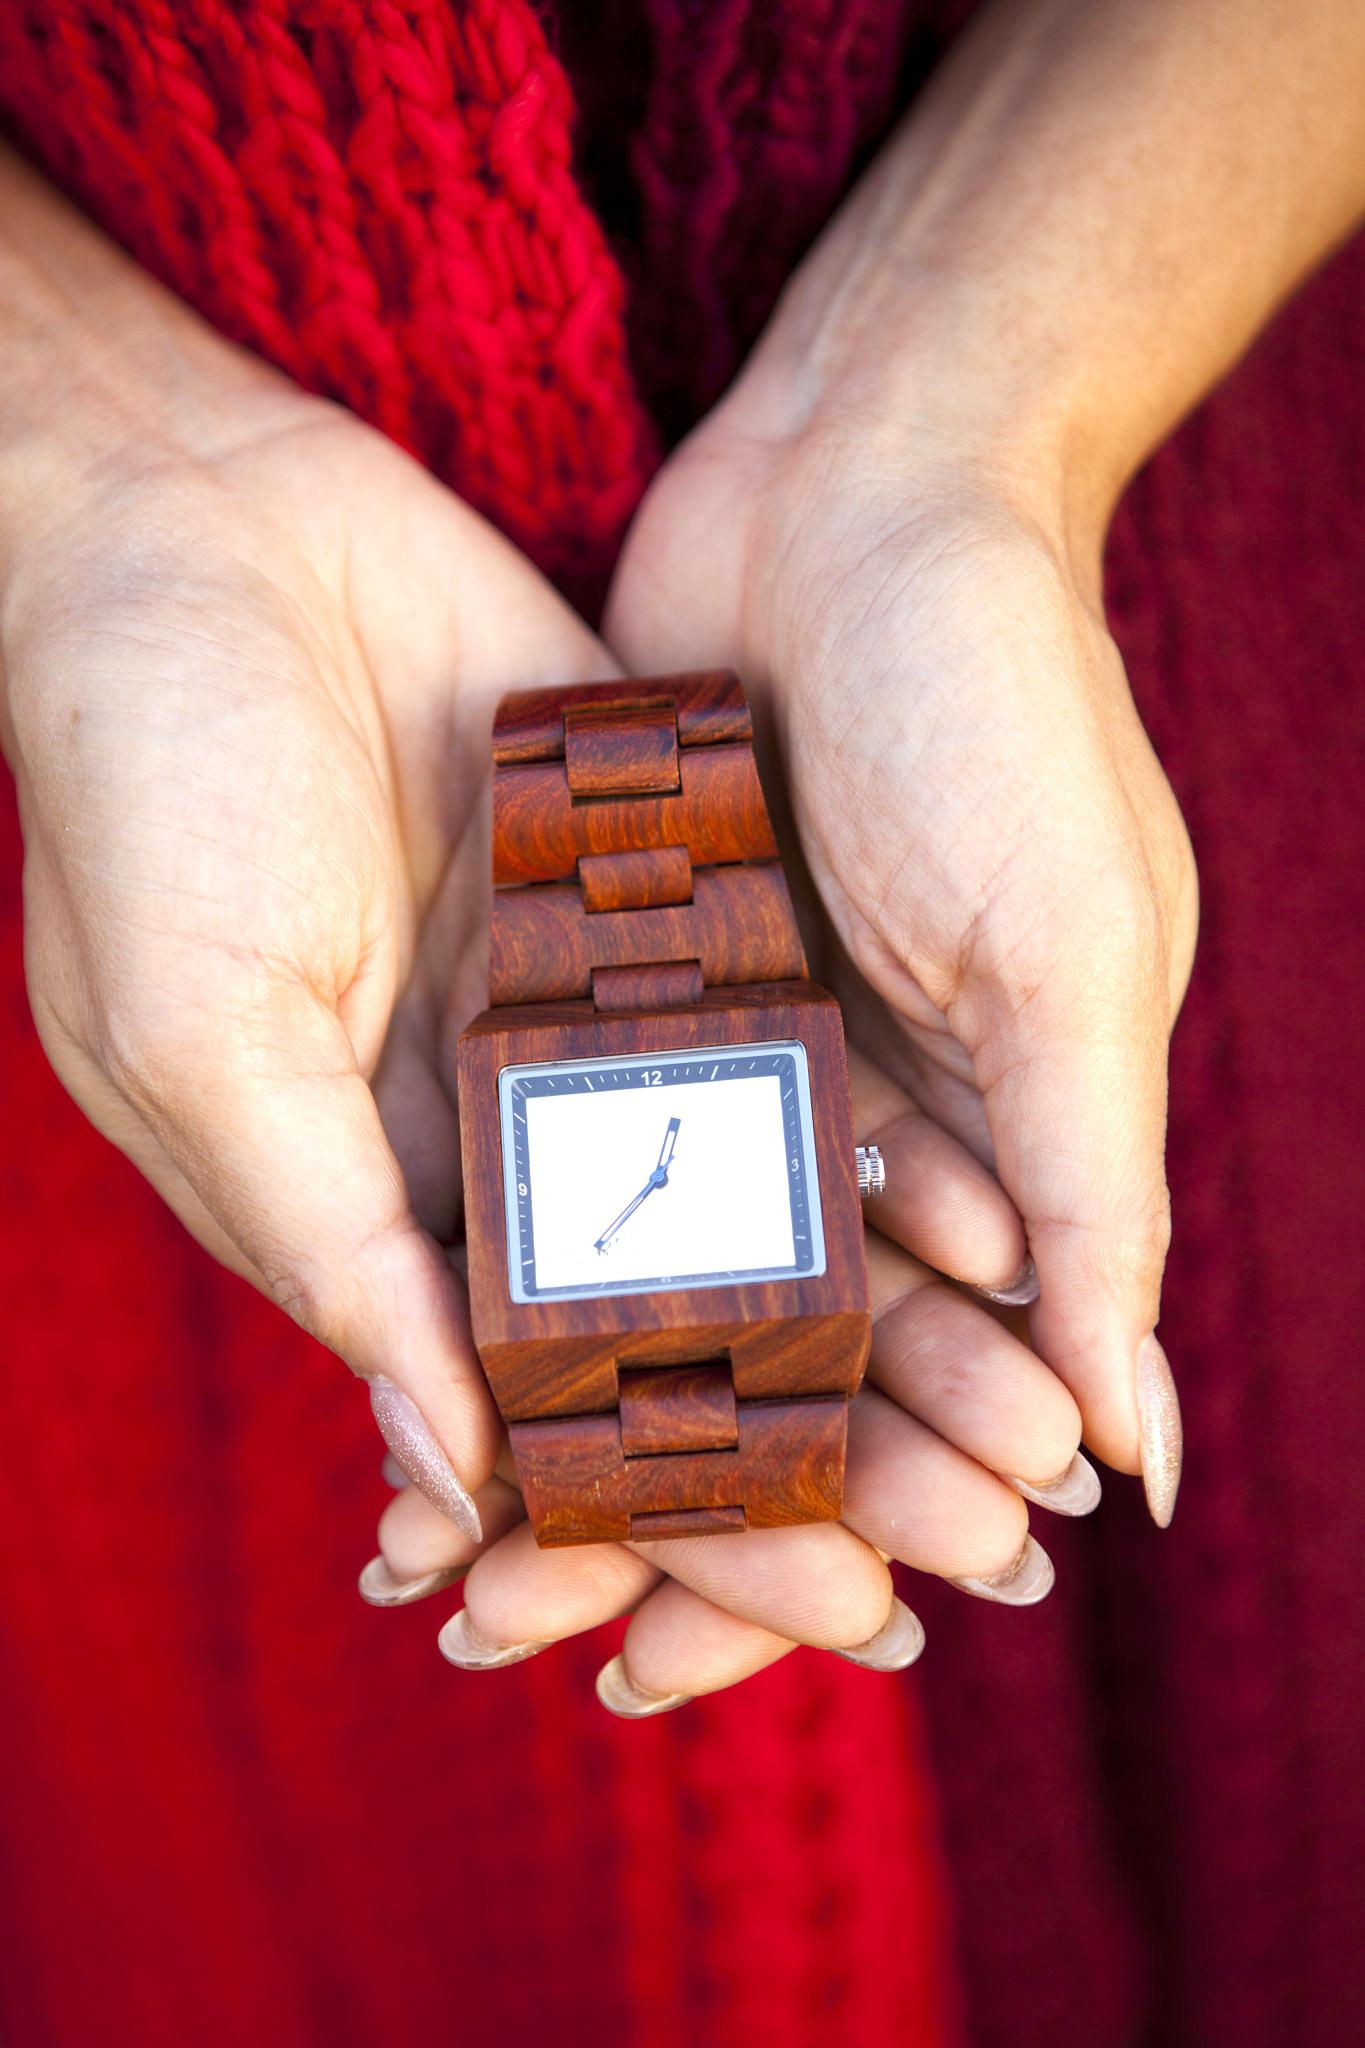 tothineownstylebetrue-jord-wood-watches-25